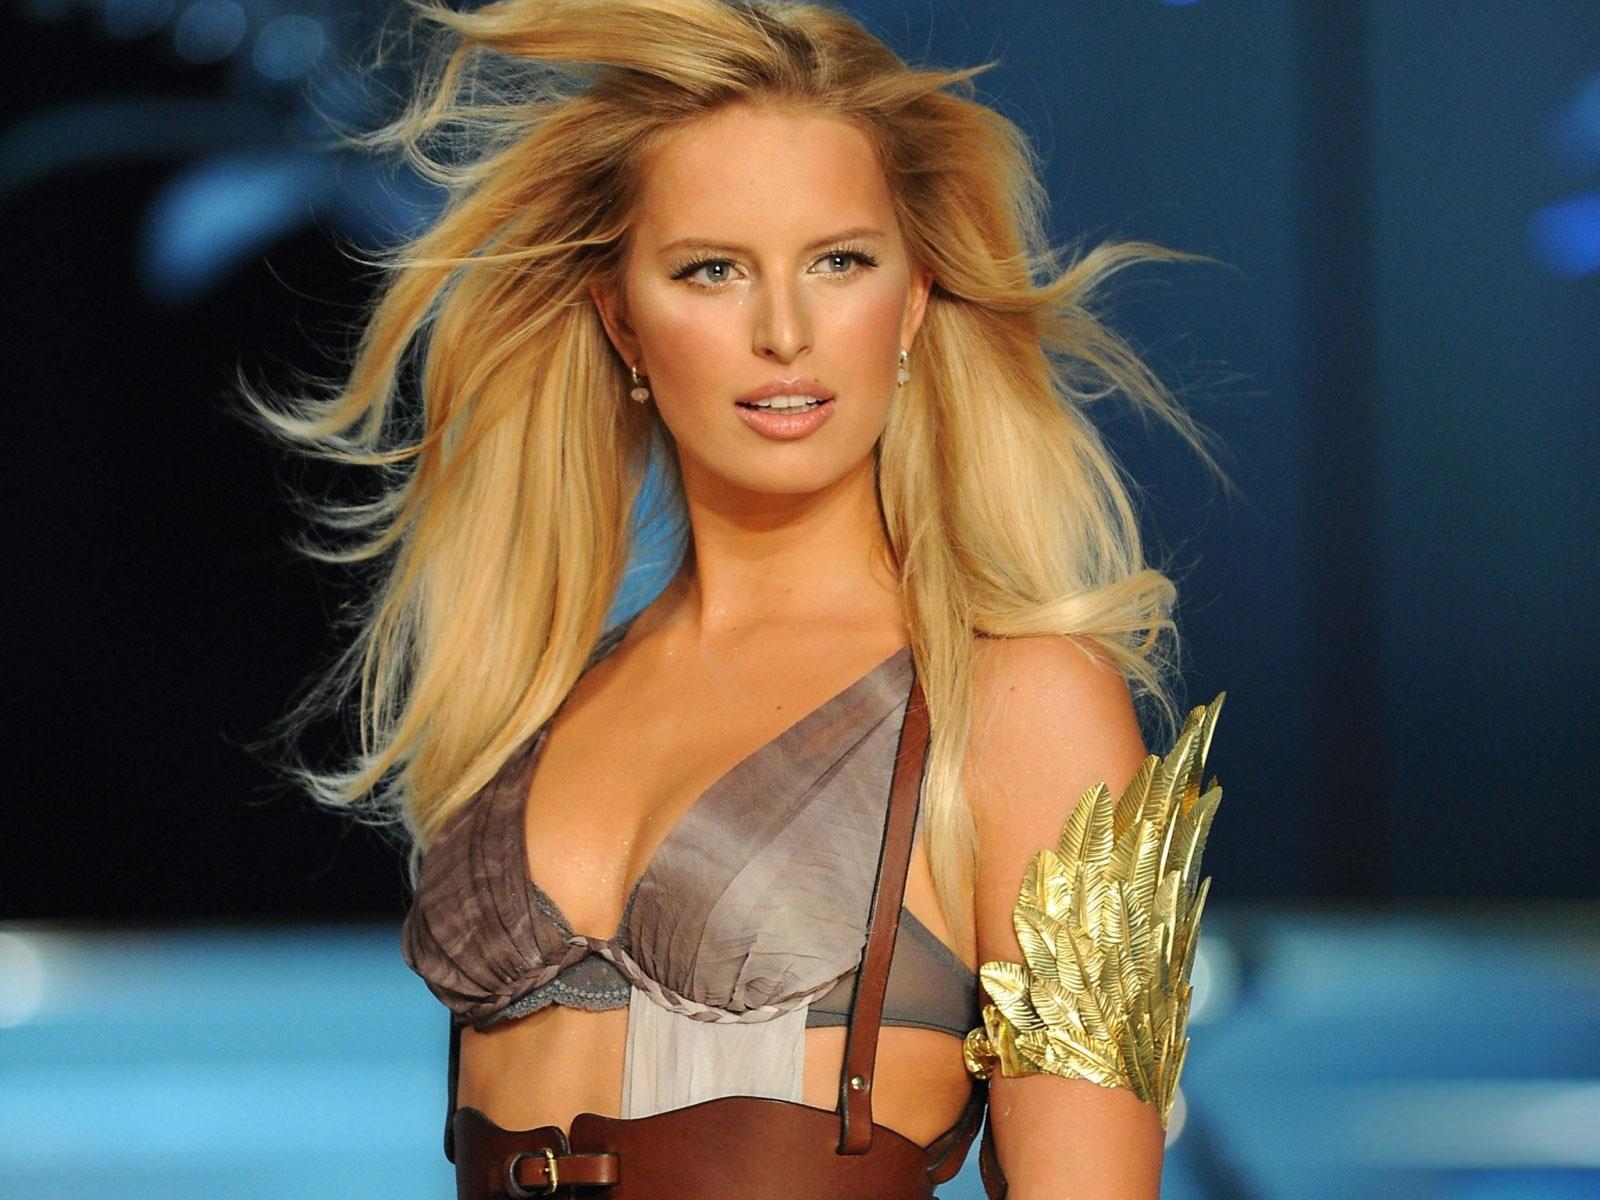 http://3.bp.blogspot.com/-Hh7i-pJck0U/Ty0vF7PACPI/AAAAAAAAGZs/EnG9deWon8M/s1600/Karolina+Kurkova+Hairstyle+6.jpg